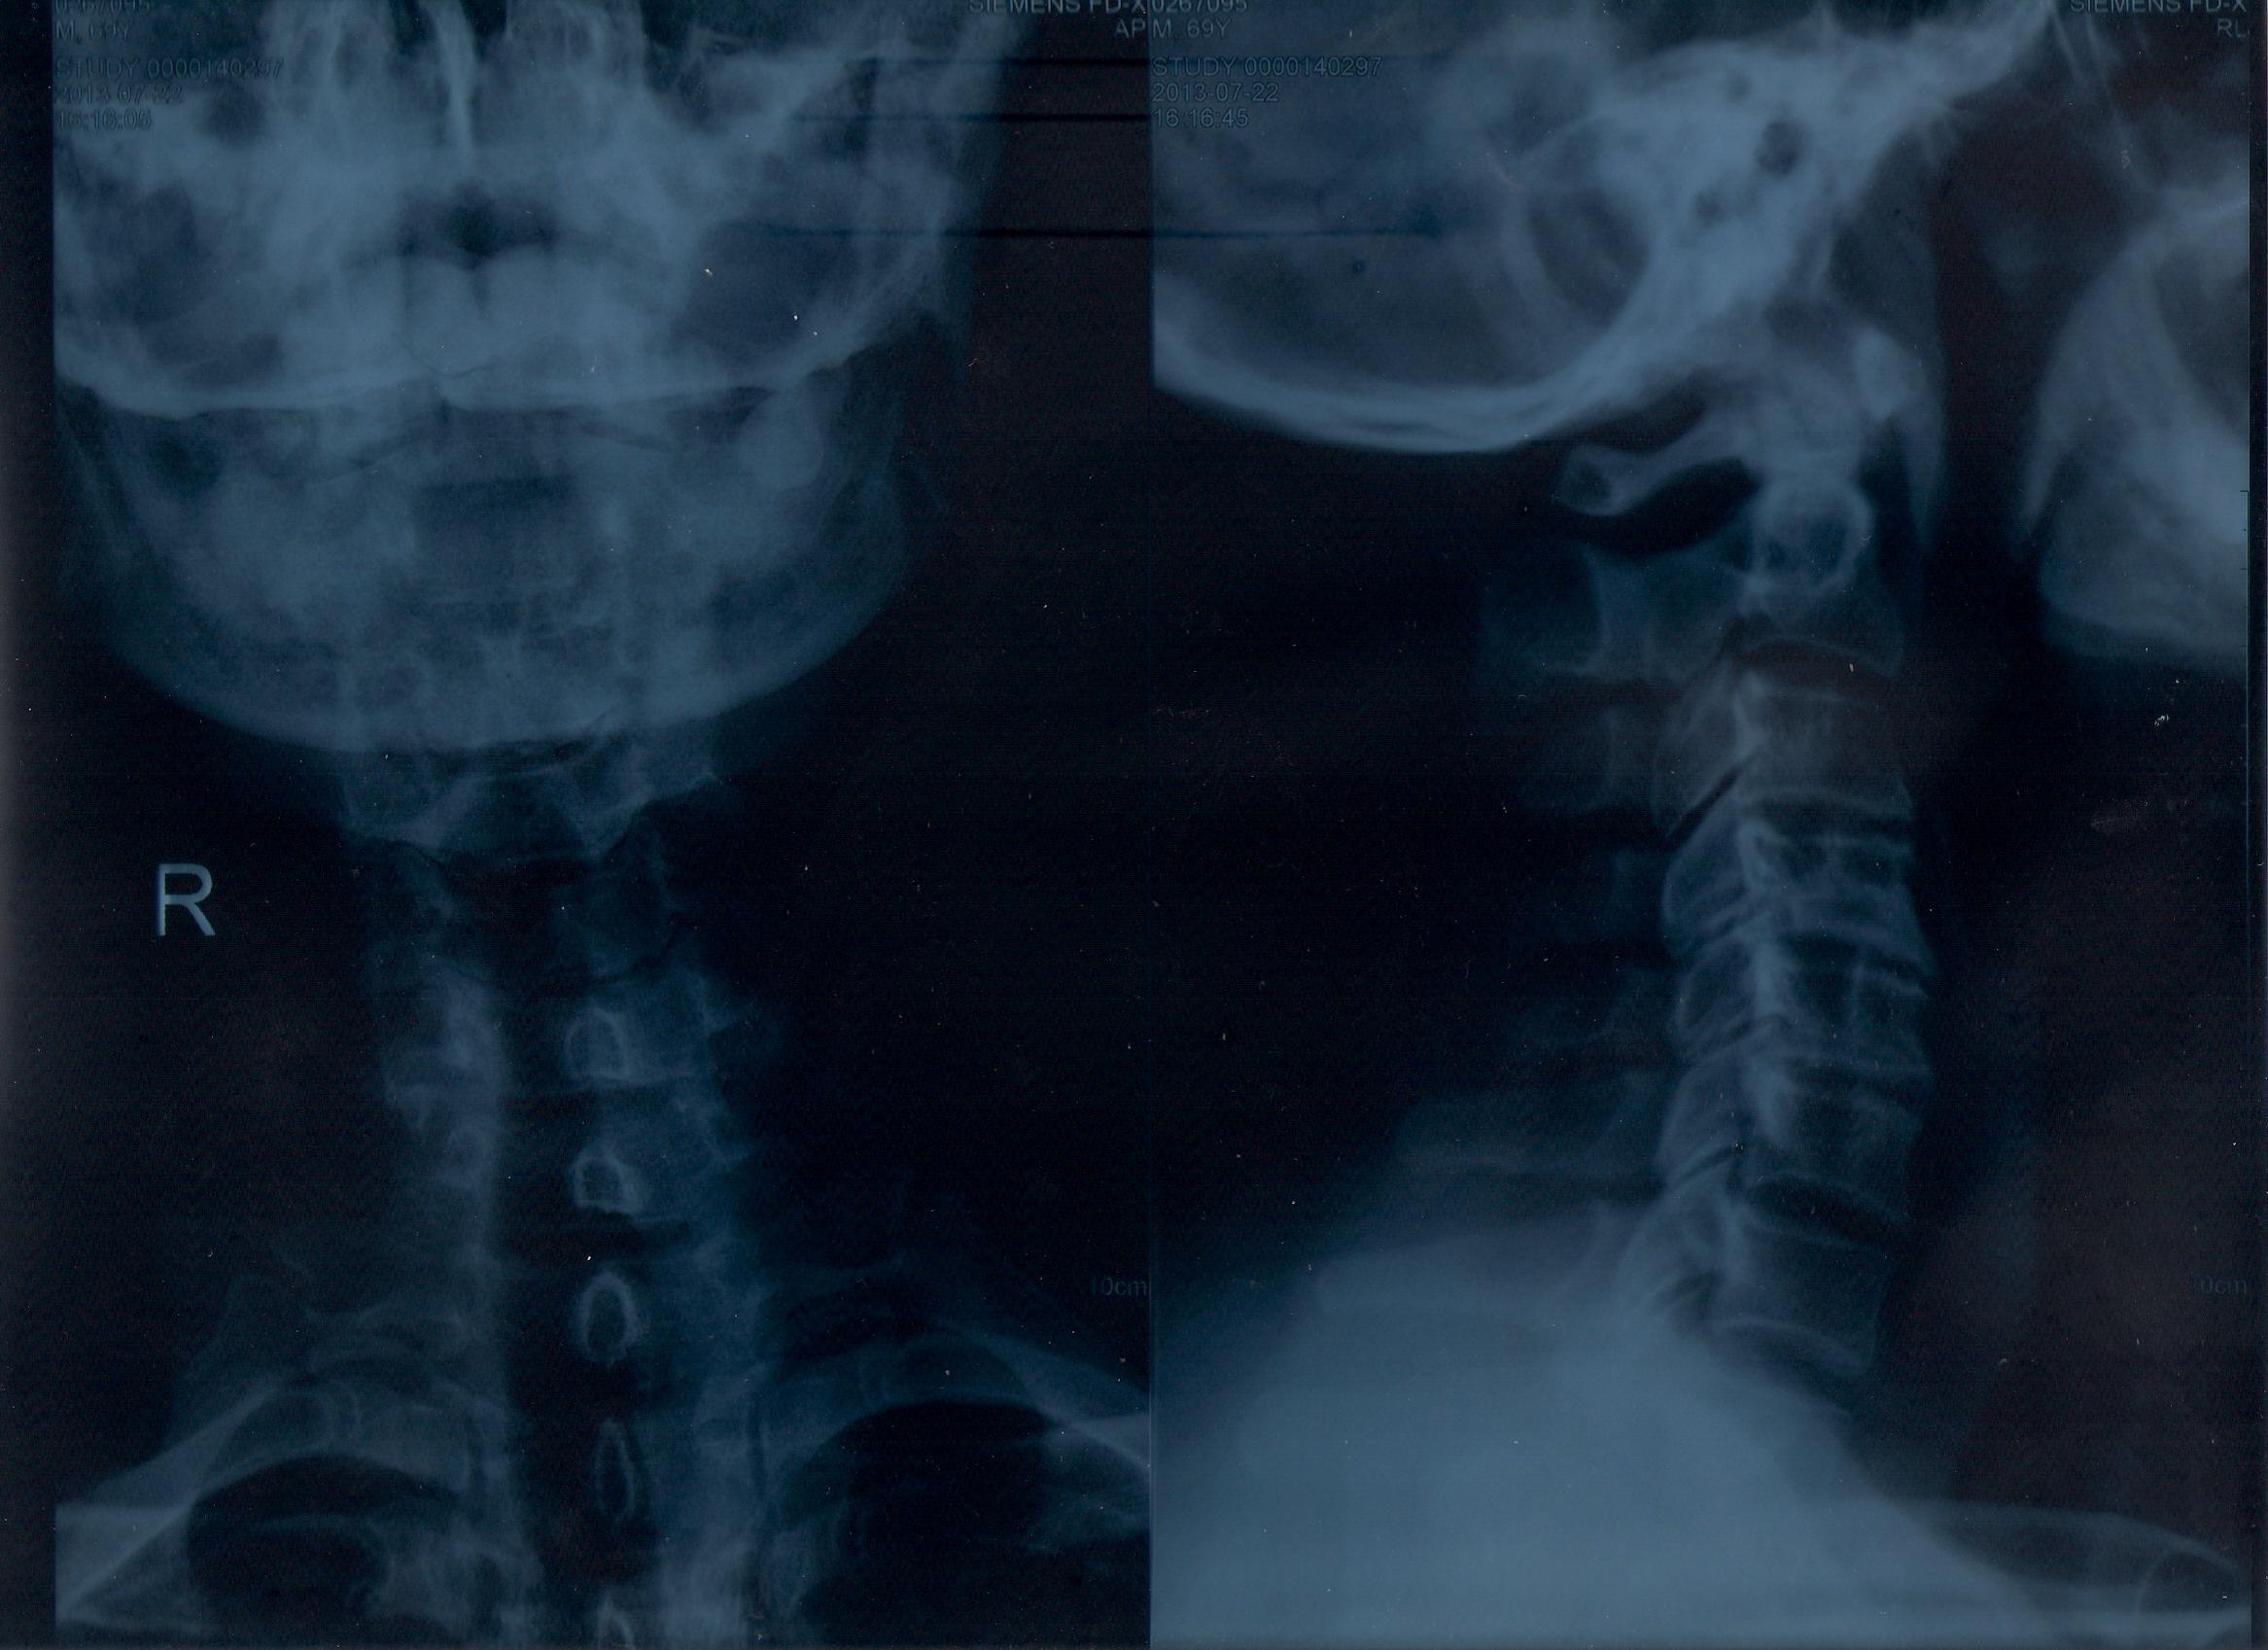 颈椎压迫神经 所患疾病:颈椎压迫神经 病情描述(发病时间、主要症状、症状变化等): 一个半月以前第一次发病,脖子酸痛,不能扭动,背后有个肿块,右手臂和手指酸麻胀痛。举起右手听见咔咔的声音。右手基本不能动,躺着比较没有那么痛,动一下就很痛。 曾经治疗情况和效果: 拍了s光片医生说是颈椎压迫神经,做了十次的针灸也吃了祛风止痛胶囊和骨康胶囊还有外贴的药,还有维生素b1,b3,b12.